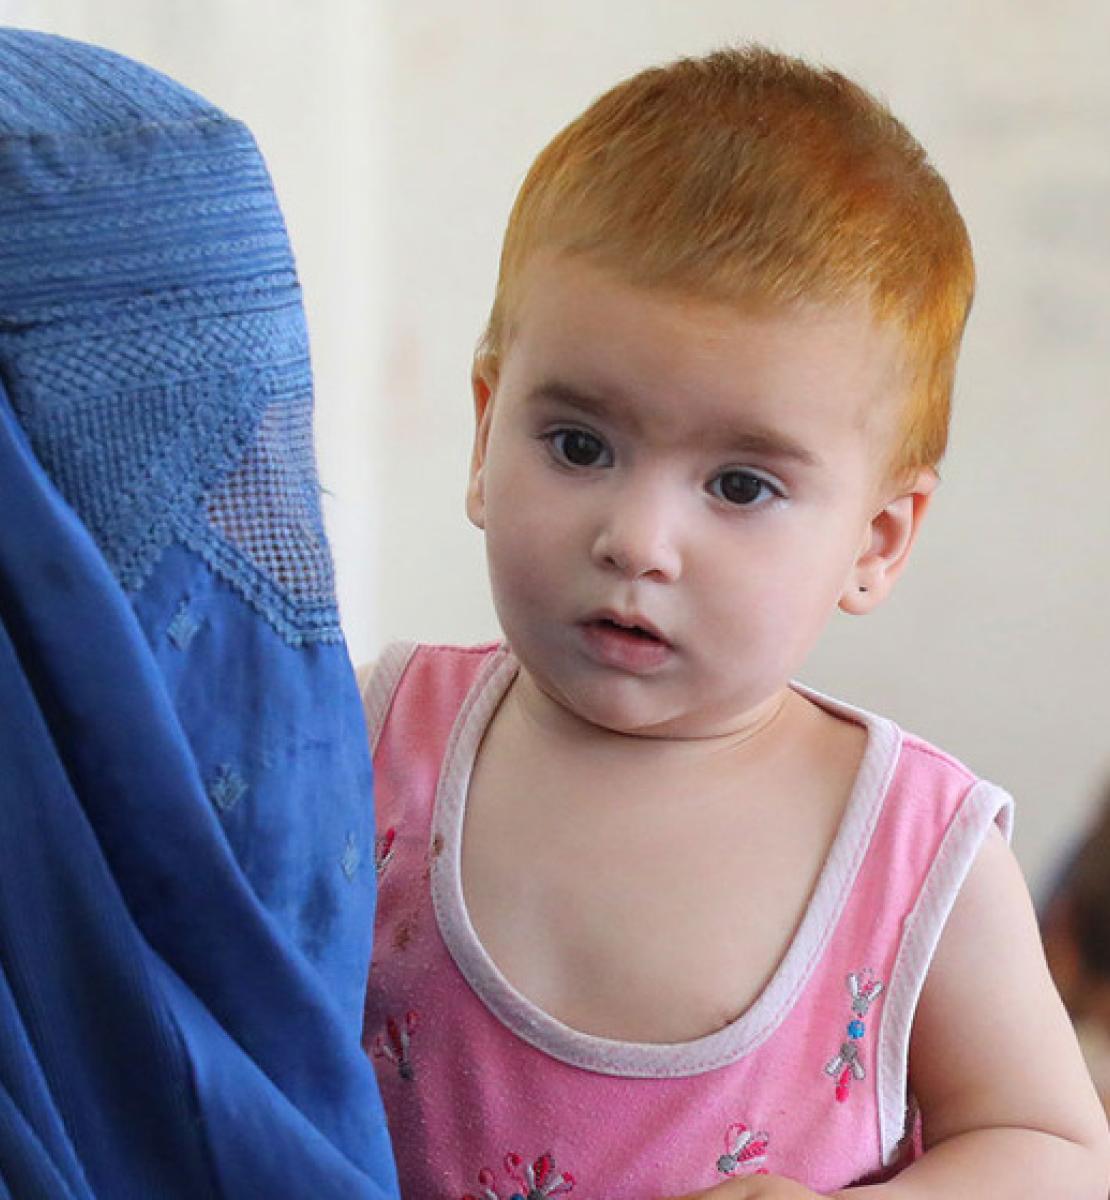 En primer plano aparece una madre con tocado y rostro mientras sostiene a su bebé, y en segundo plano se encuentra otra madre y su pequeño.